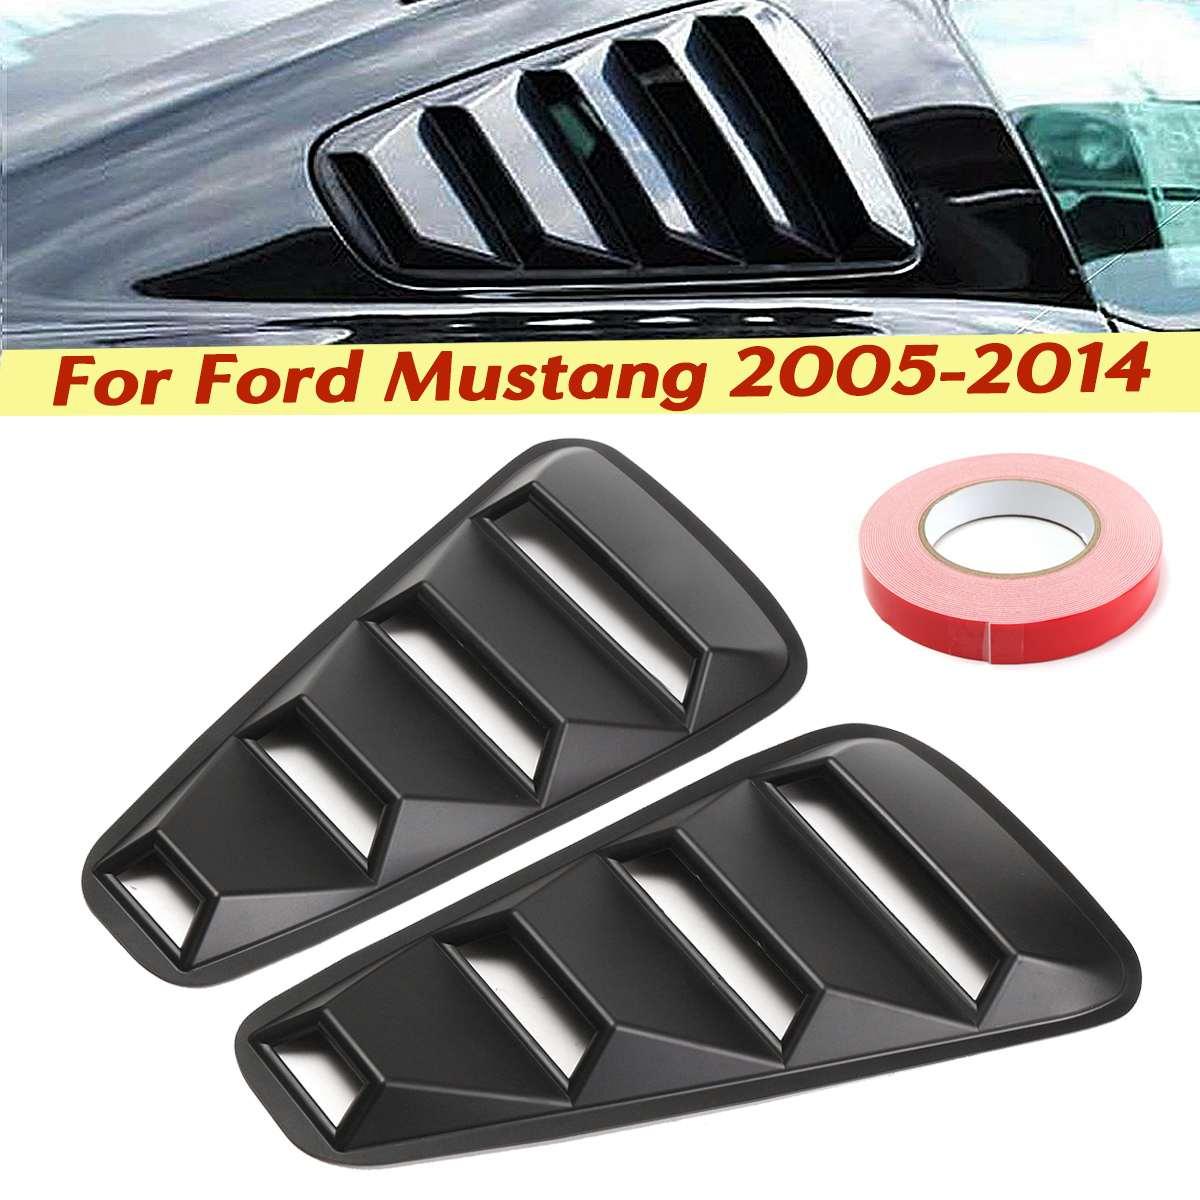 คู่ 1/4 ด้านข้างบานเกล็ดฝาสกู๊ปฝาครอบสำหรับ Ford Mustang 2005 2006 2007 2008 2009 2010 2011 2012 2013 2014